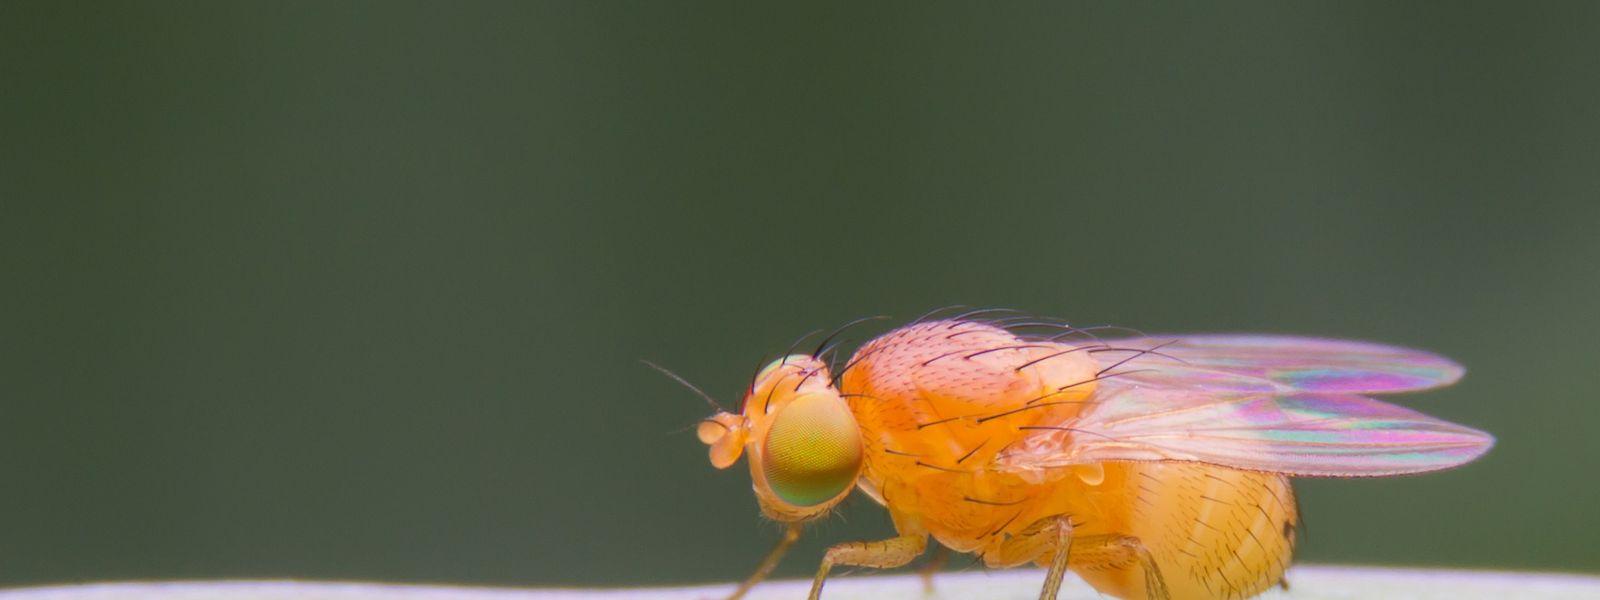 L'équipe du professeur Hoffmann a découvert les premiers récepteurs de l'immunité innée de la mouche drosophile.